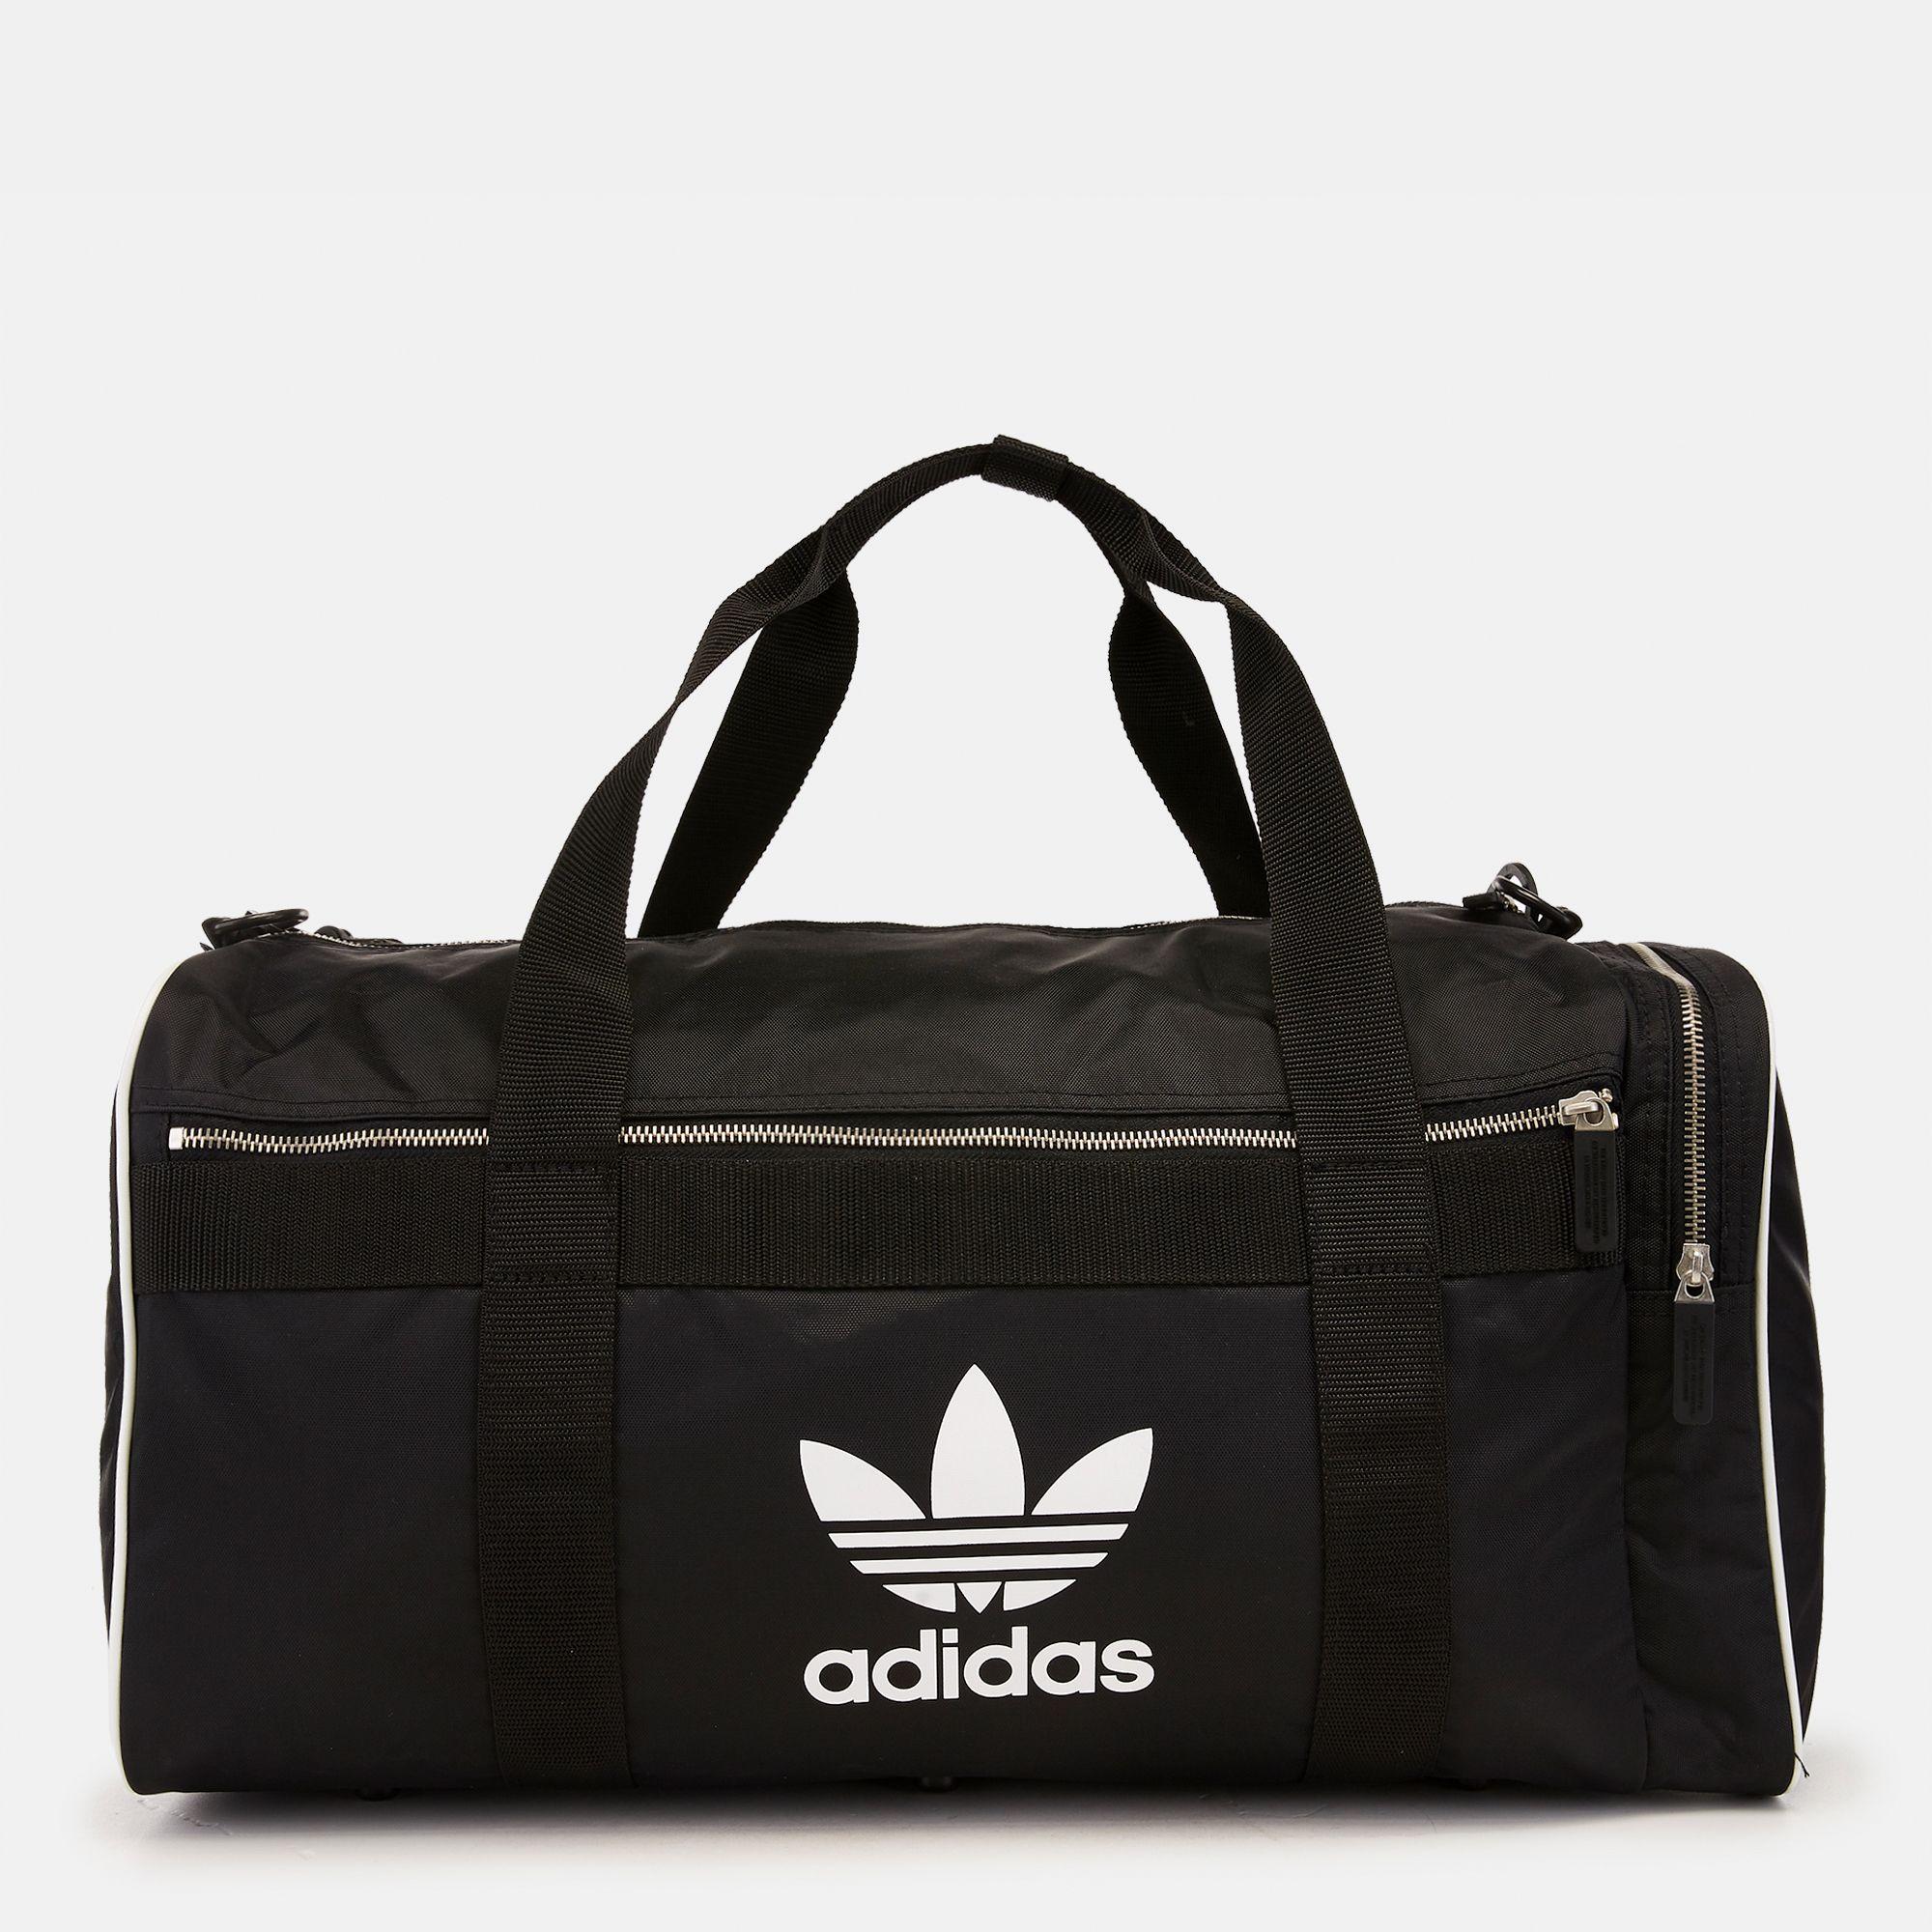 74655832c69 adidas Originals Duffel Bag Large | Duffel Bags | Bags and Luggage ...